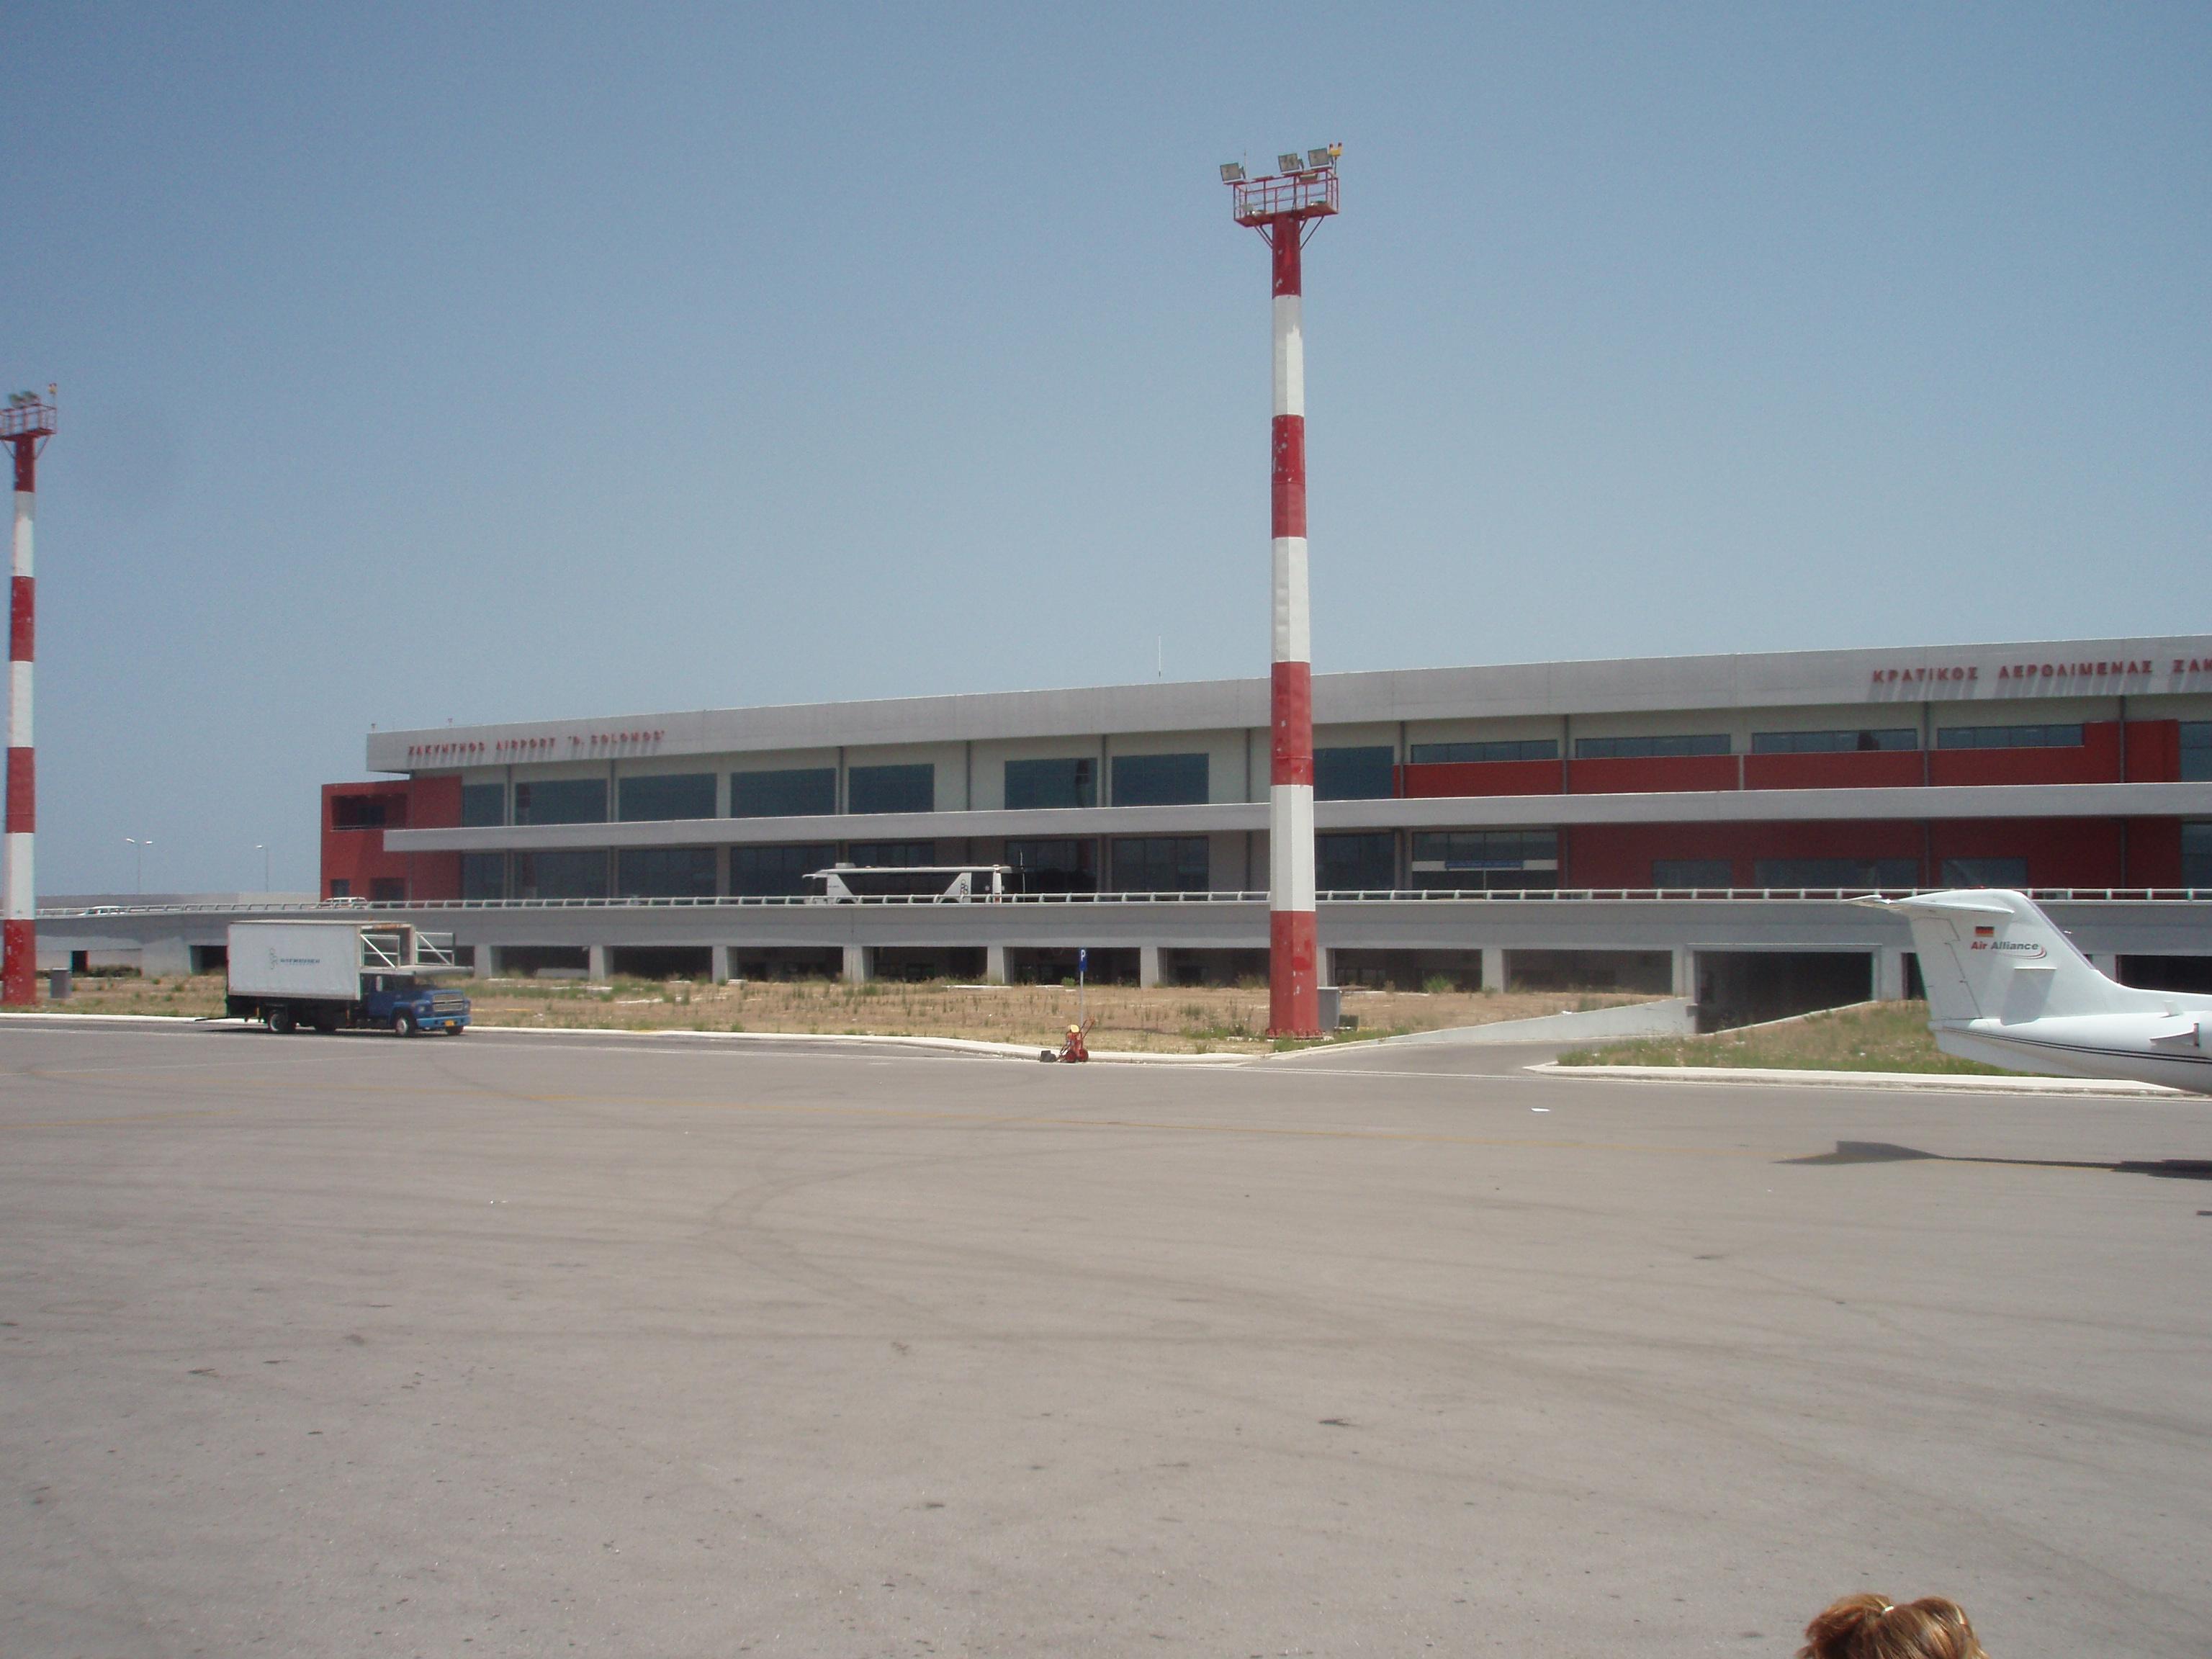 Μετά το χαράτσι των 13 ευρώ σε κάθε εισιτήριο η Κομισιόν αρνείται πλέον και τα αυτονόητα σε σχέση με την παραχώρηση των 14 περιφερειακών αεροδρομίων στη Fraport